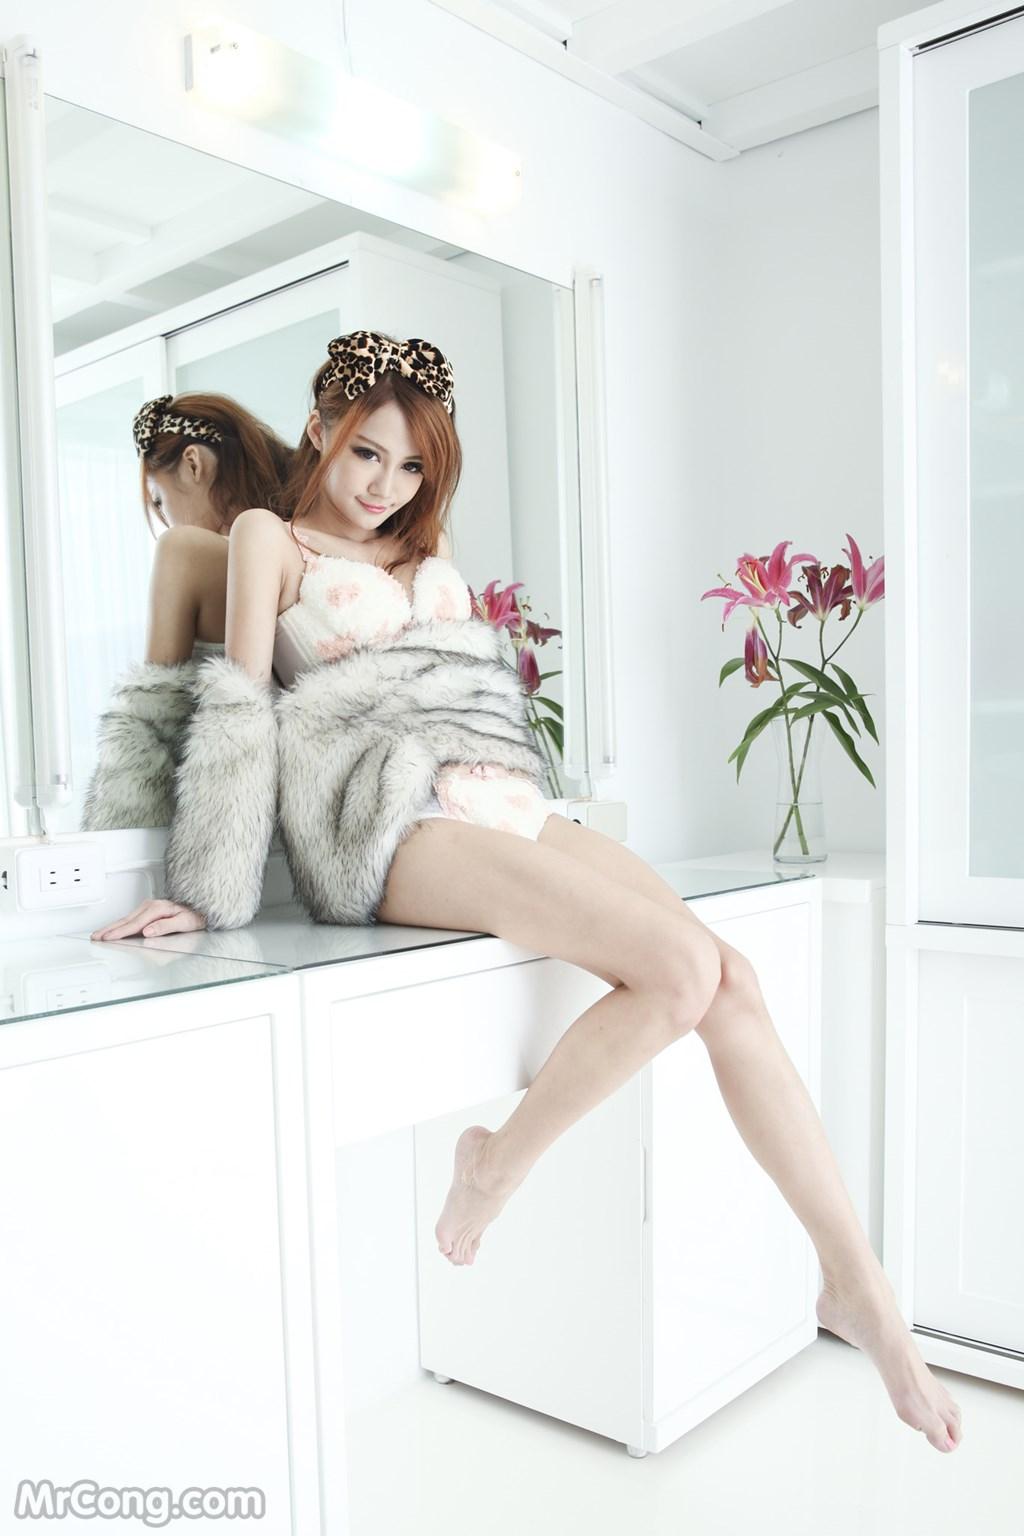 Image Girl-xinh-Dai-Loan-by-Joseph-Huang-Phan-1-MrCong.com-0018 in post Các cô gái Đài Loan qua góc chụp của Joseph Huang (黃阿文) - Phần 1 (1480 ảnh)